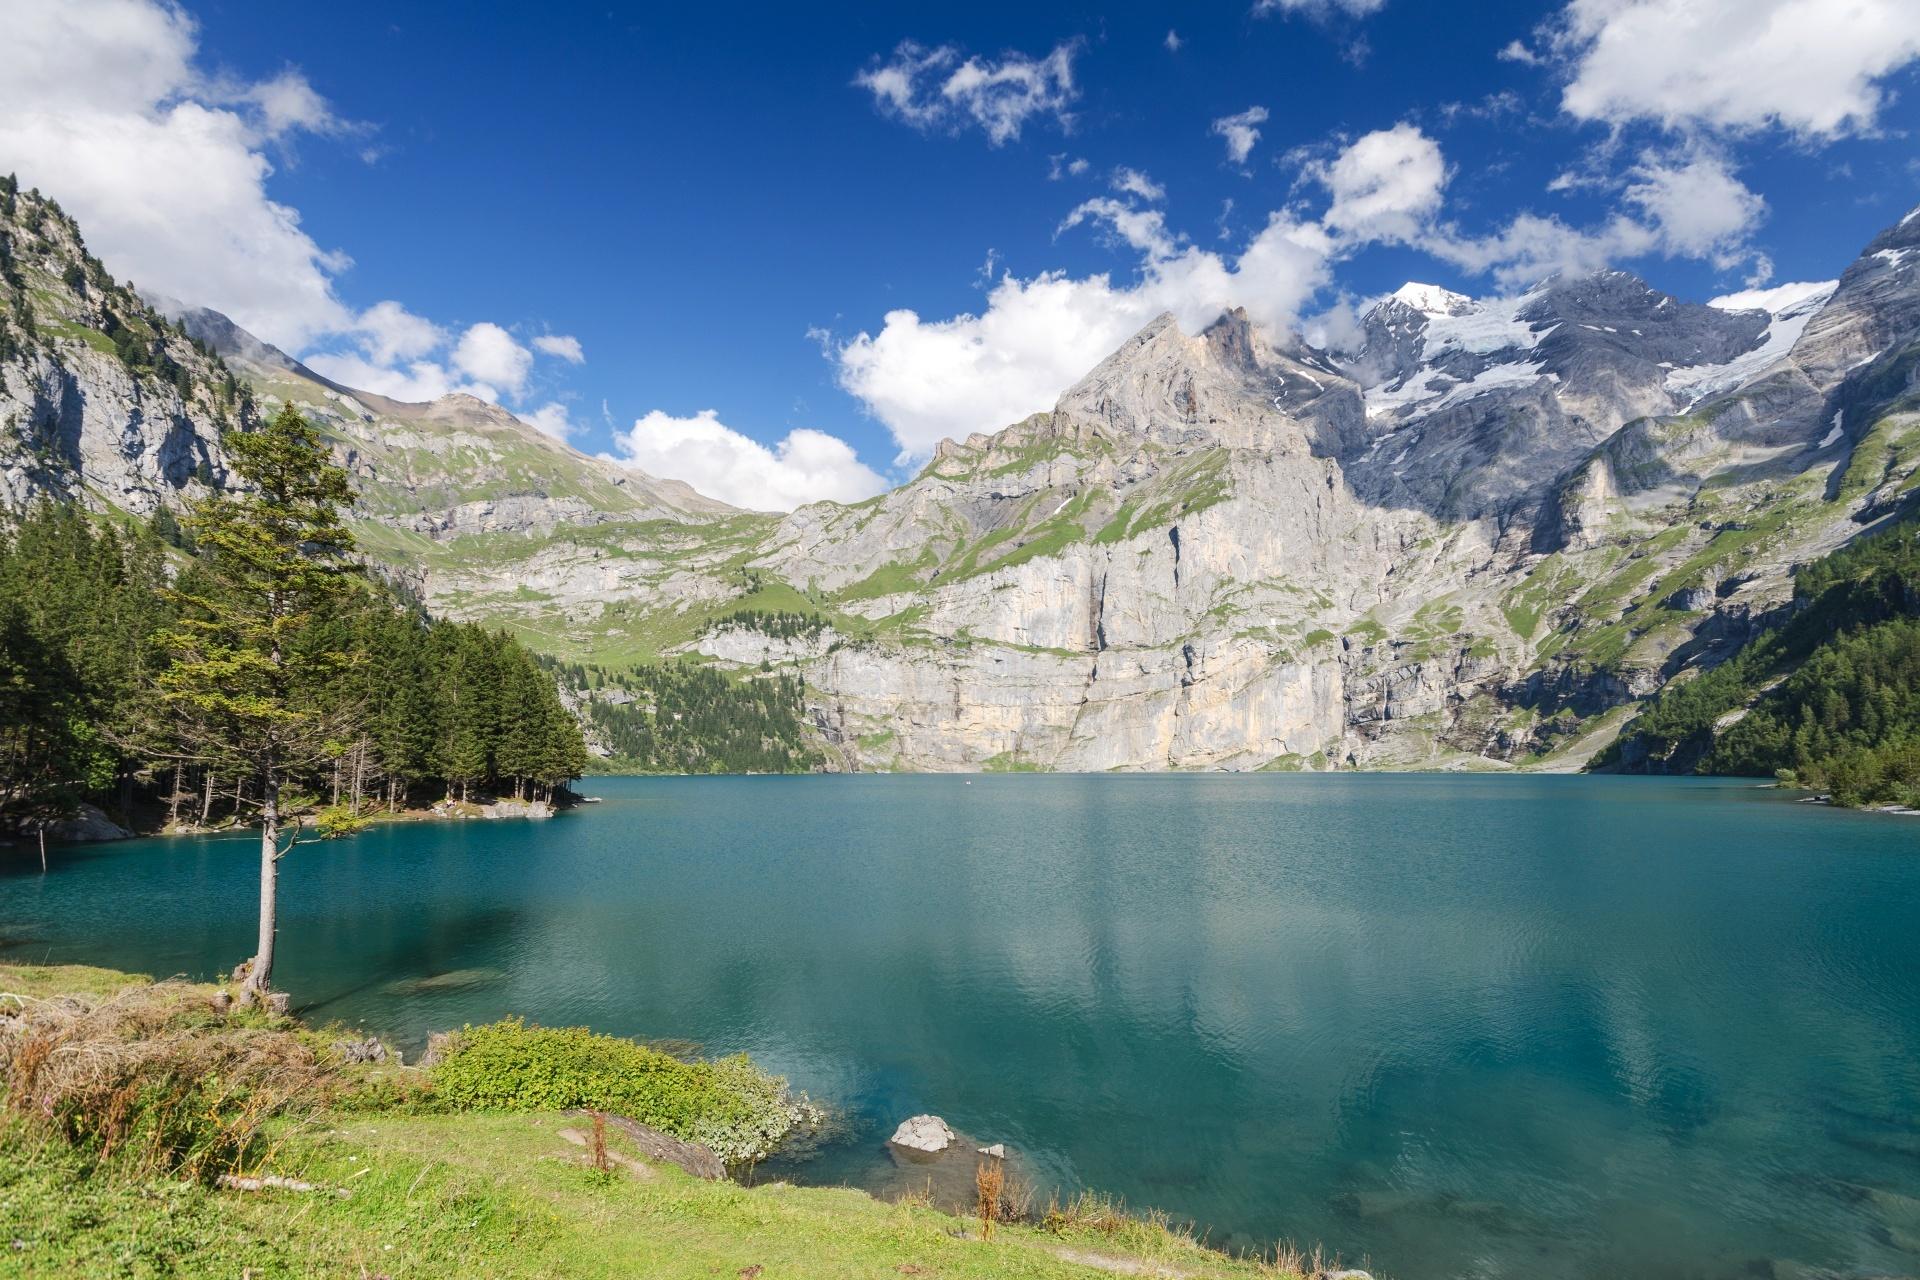 オエシネン湖の風景 ベルナーオーバーラント スイスの風景